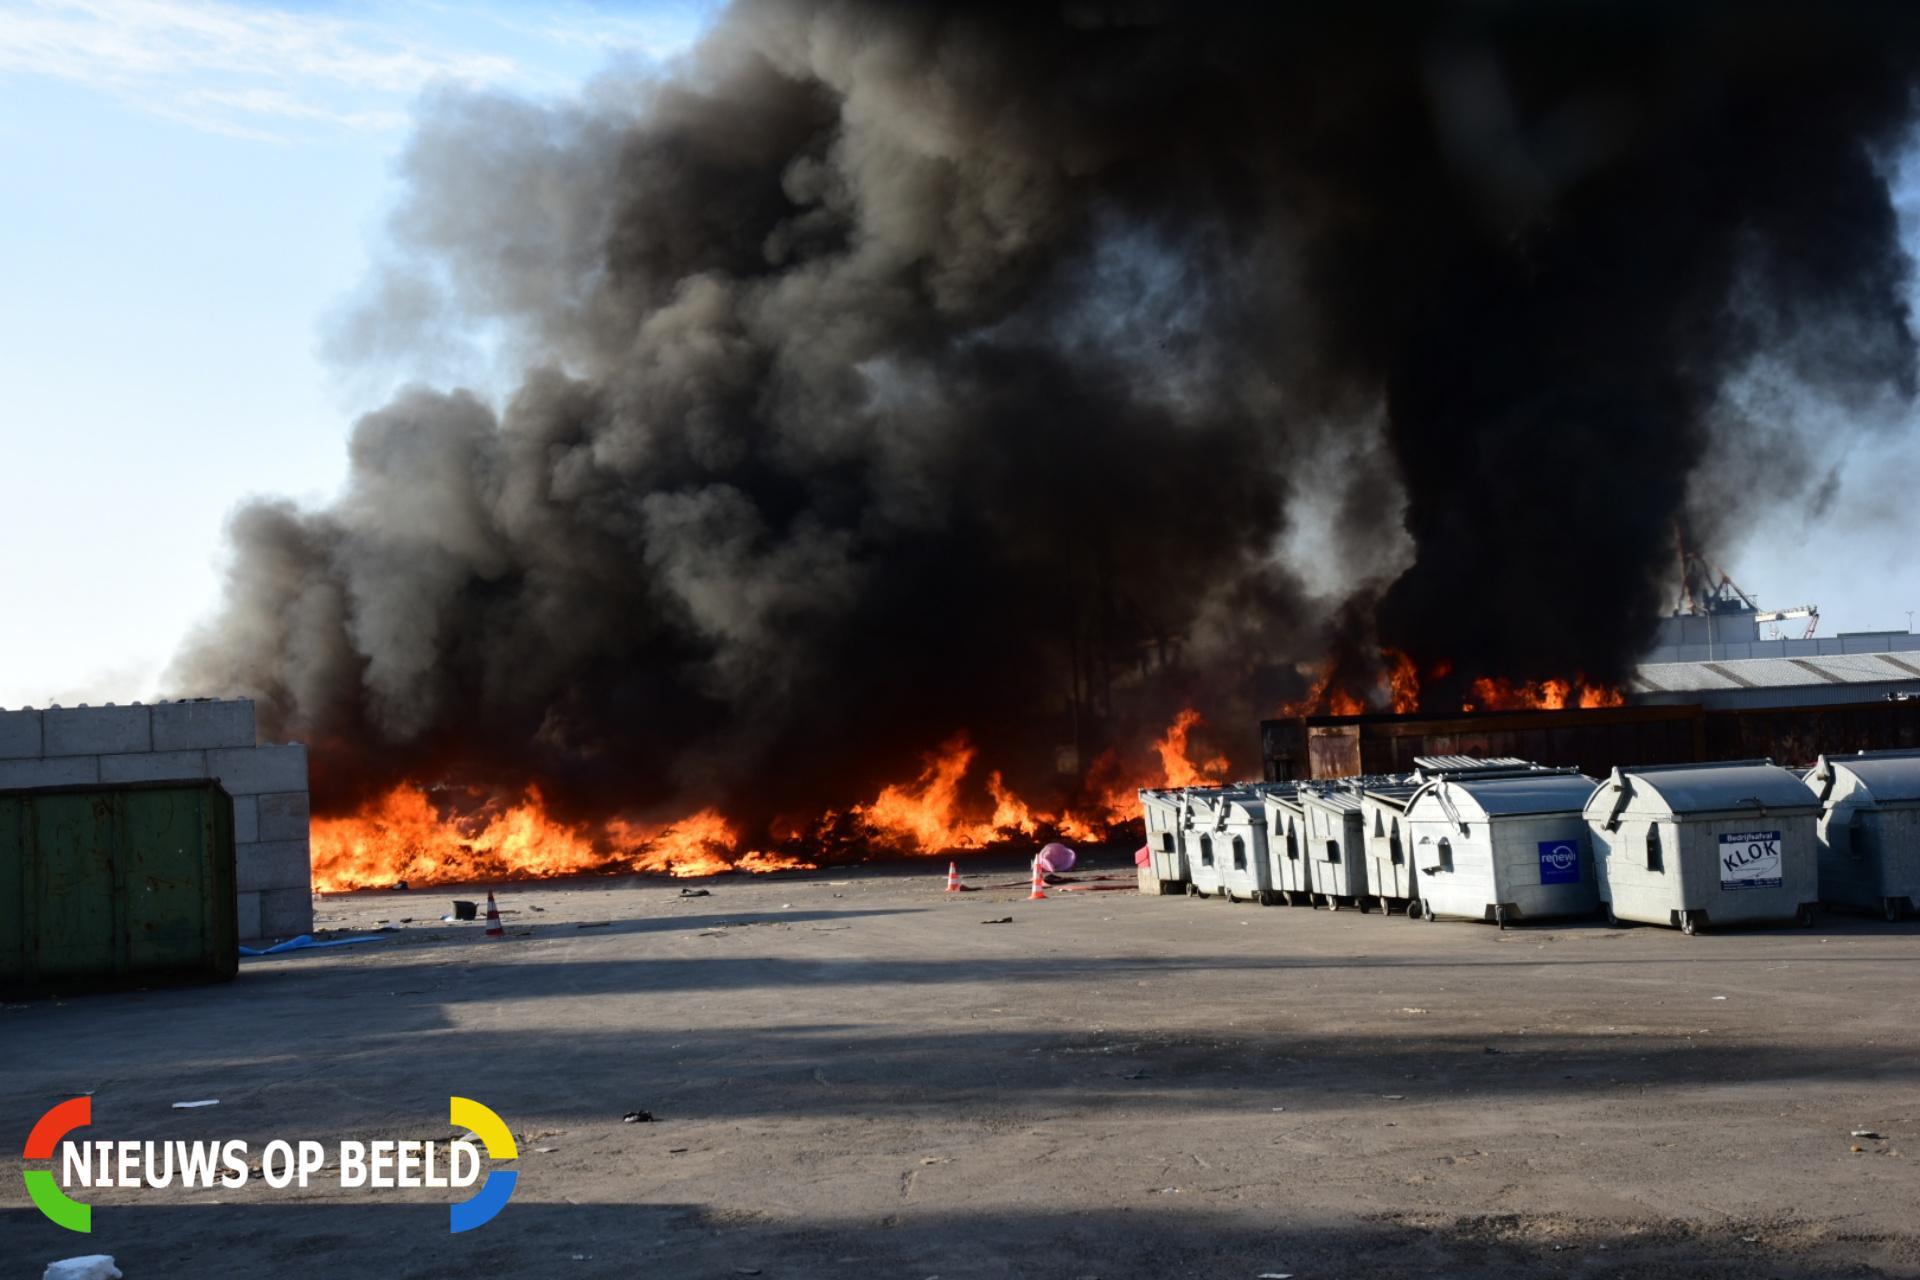 Brand afvalverwerker Renewi geblust Ophemerstraat Rotterdam